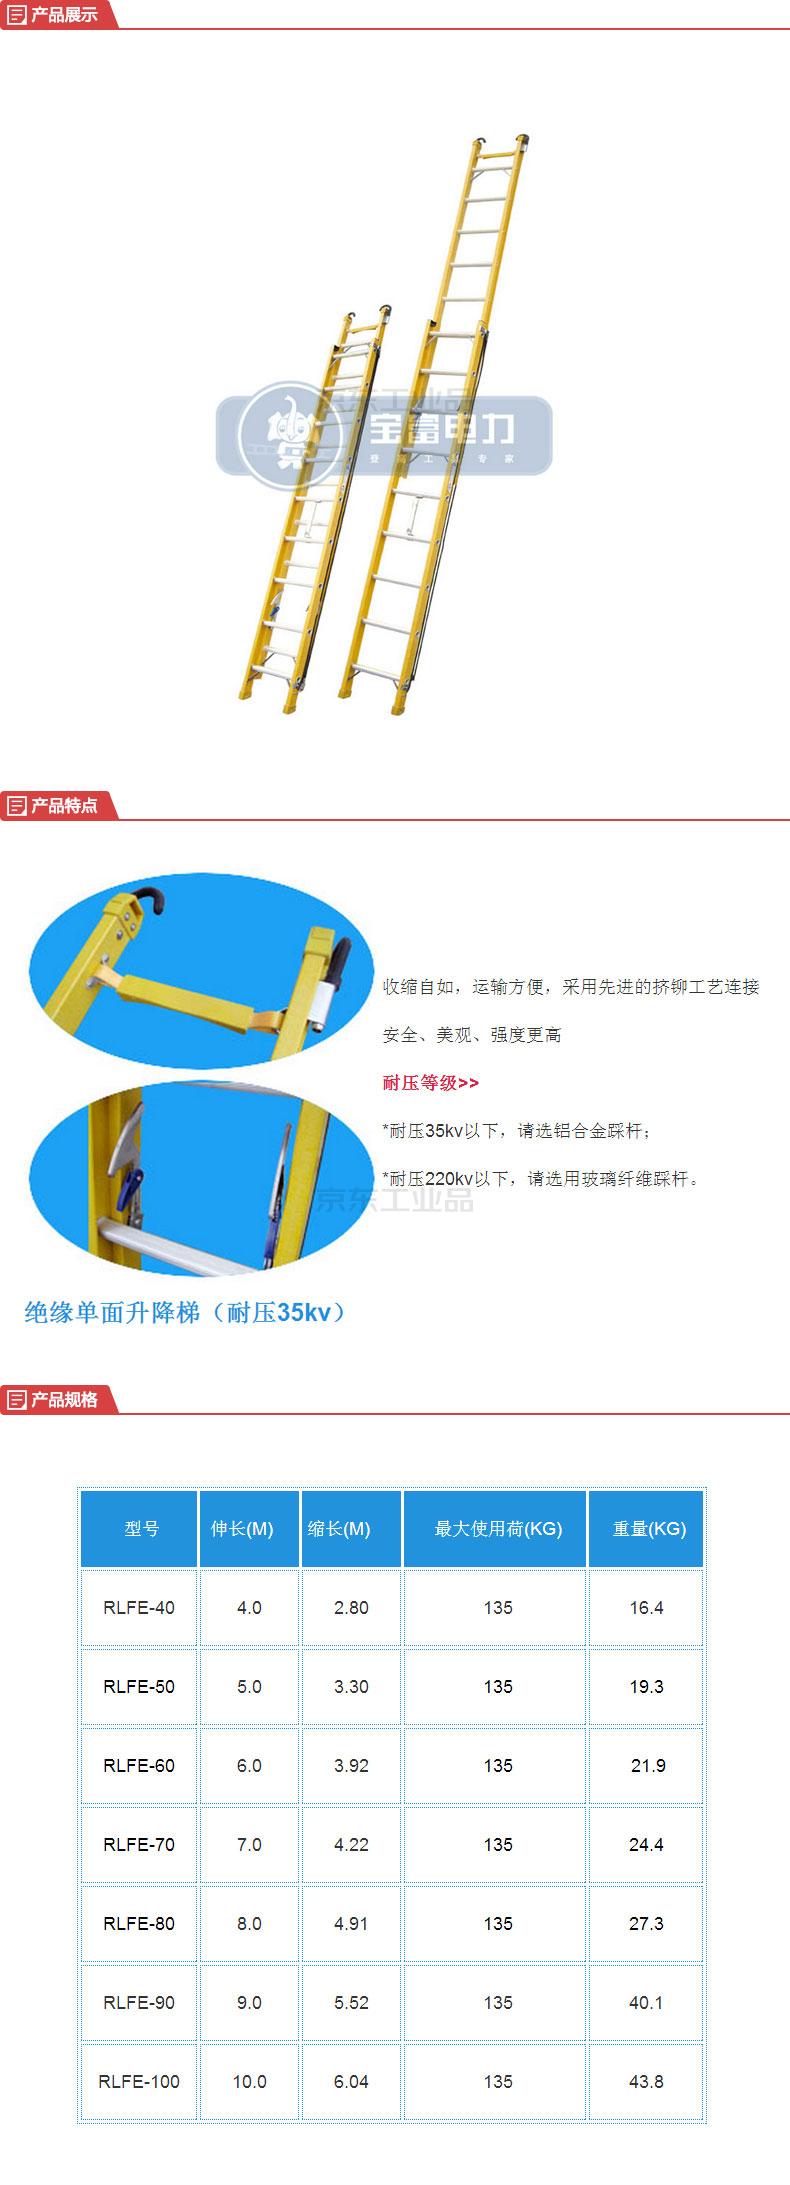 宝富电力 绝缘单面升降梯,二连式伸缩梯;RLFE-100(加宽加厚)